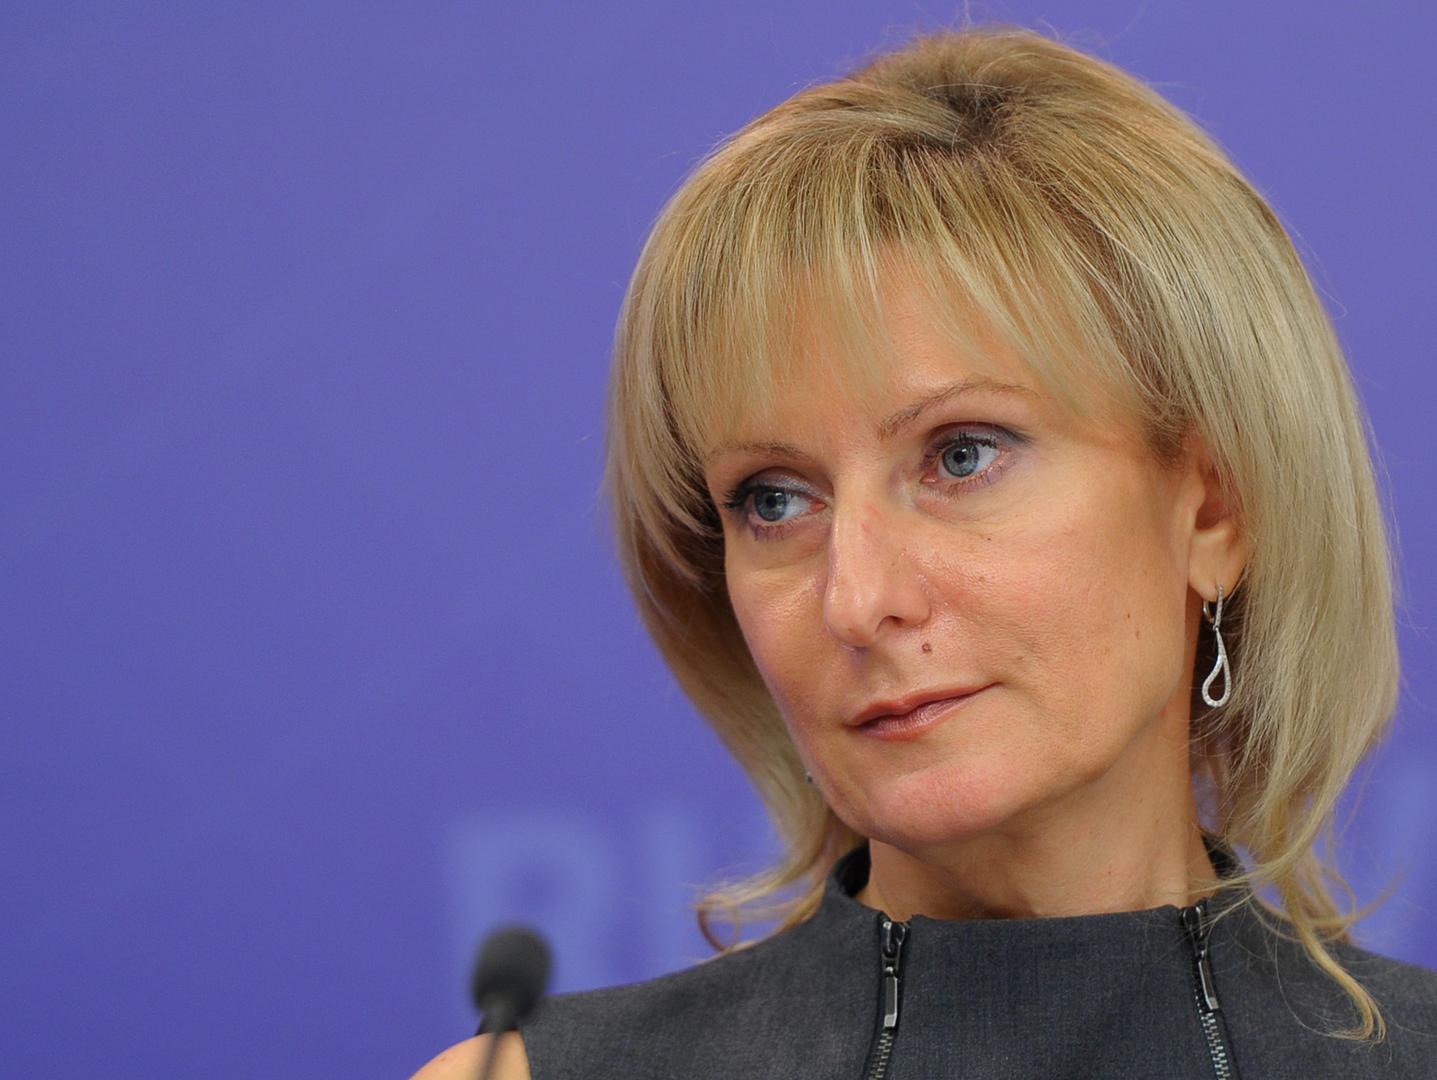 رئيسة اللجنة الاجتماعية بمجلس الاتحاد الروسي إينا سفياتينكو